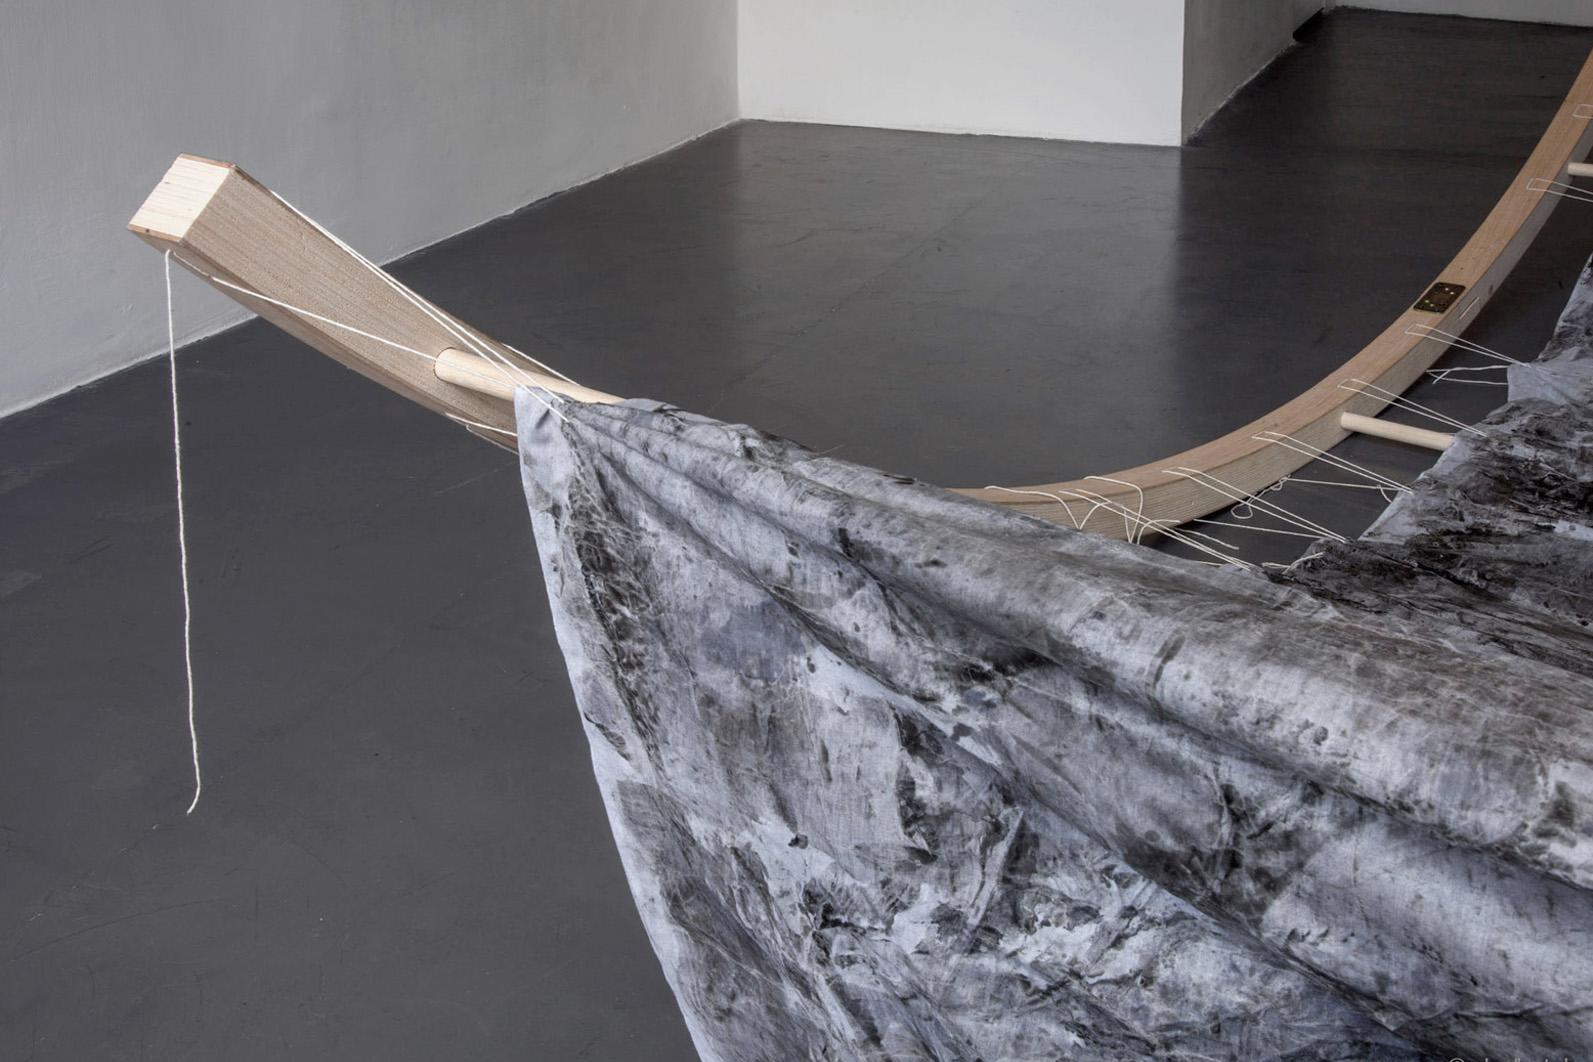 Enfasi martina merlini da crac chiara ronchini arte for Magazine arte contemporanea